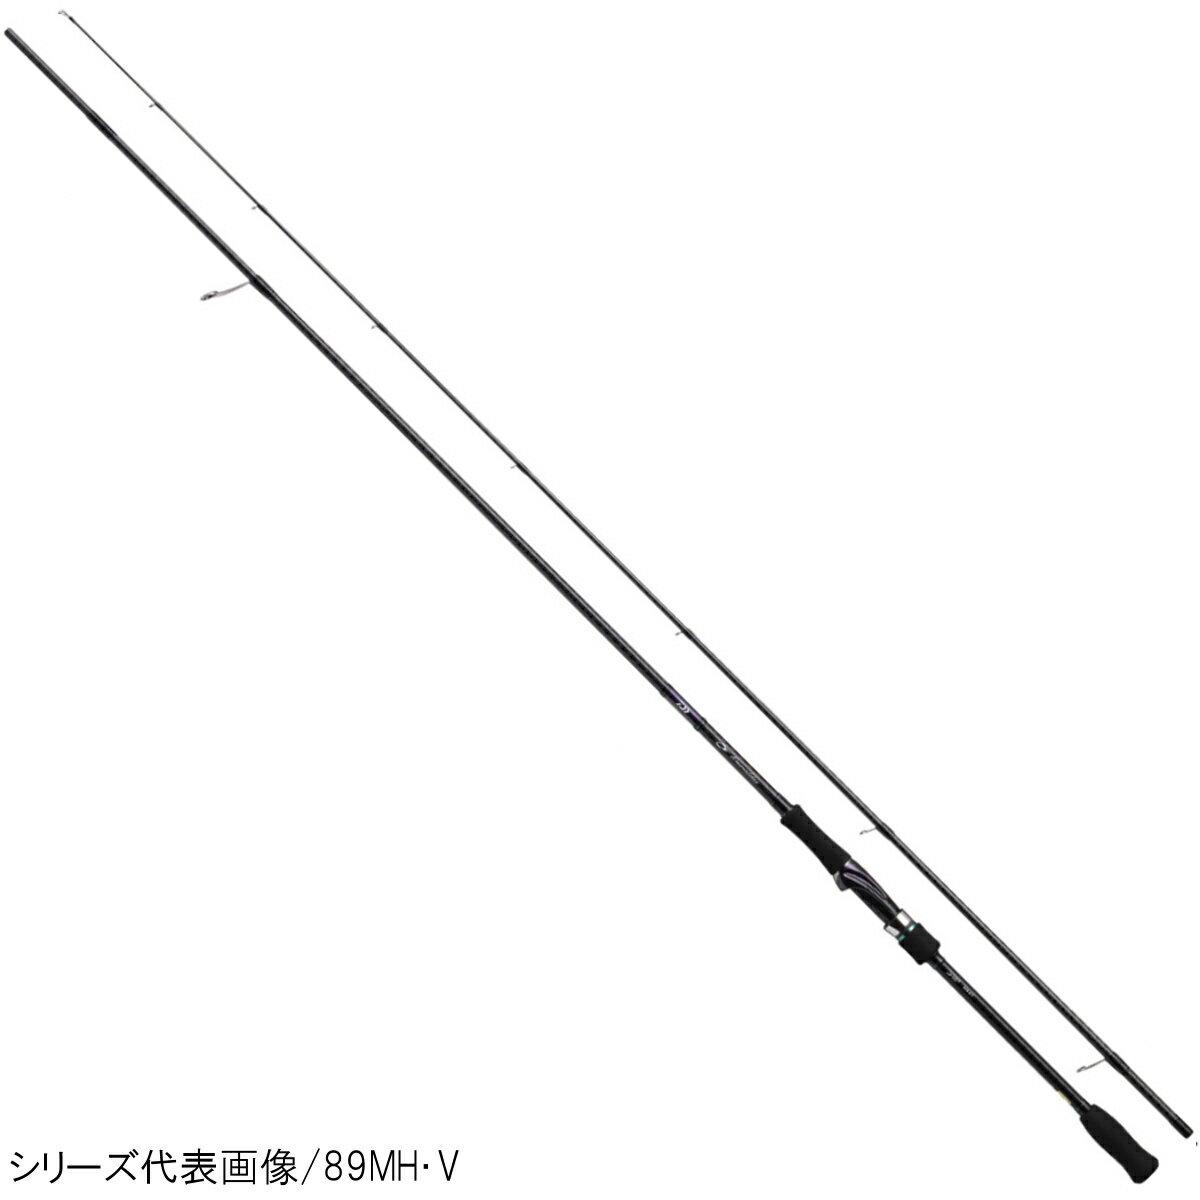 ダイワ エメラルダス 86MH・V【送料無料】